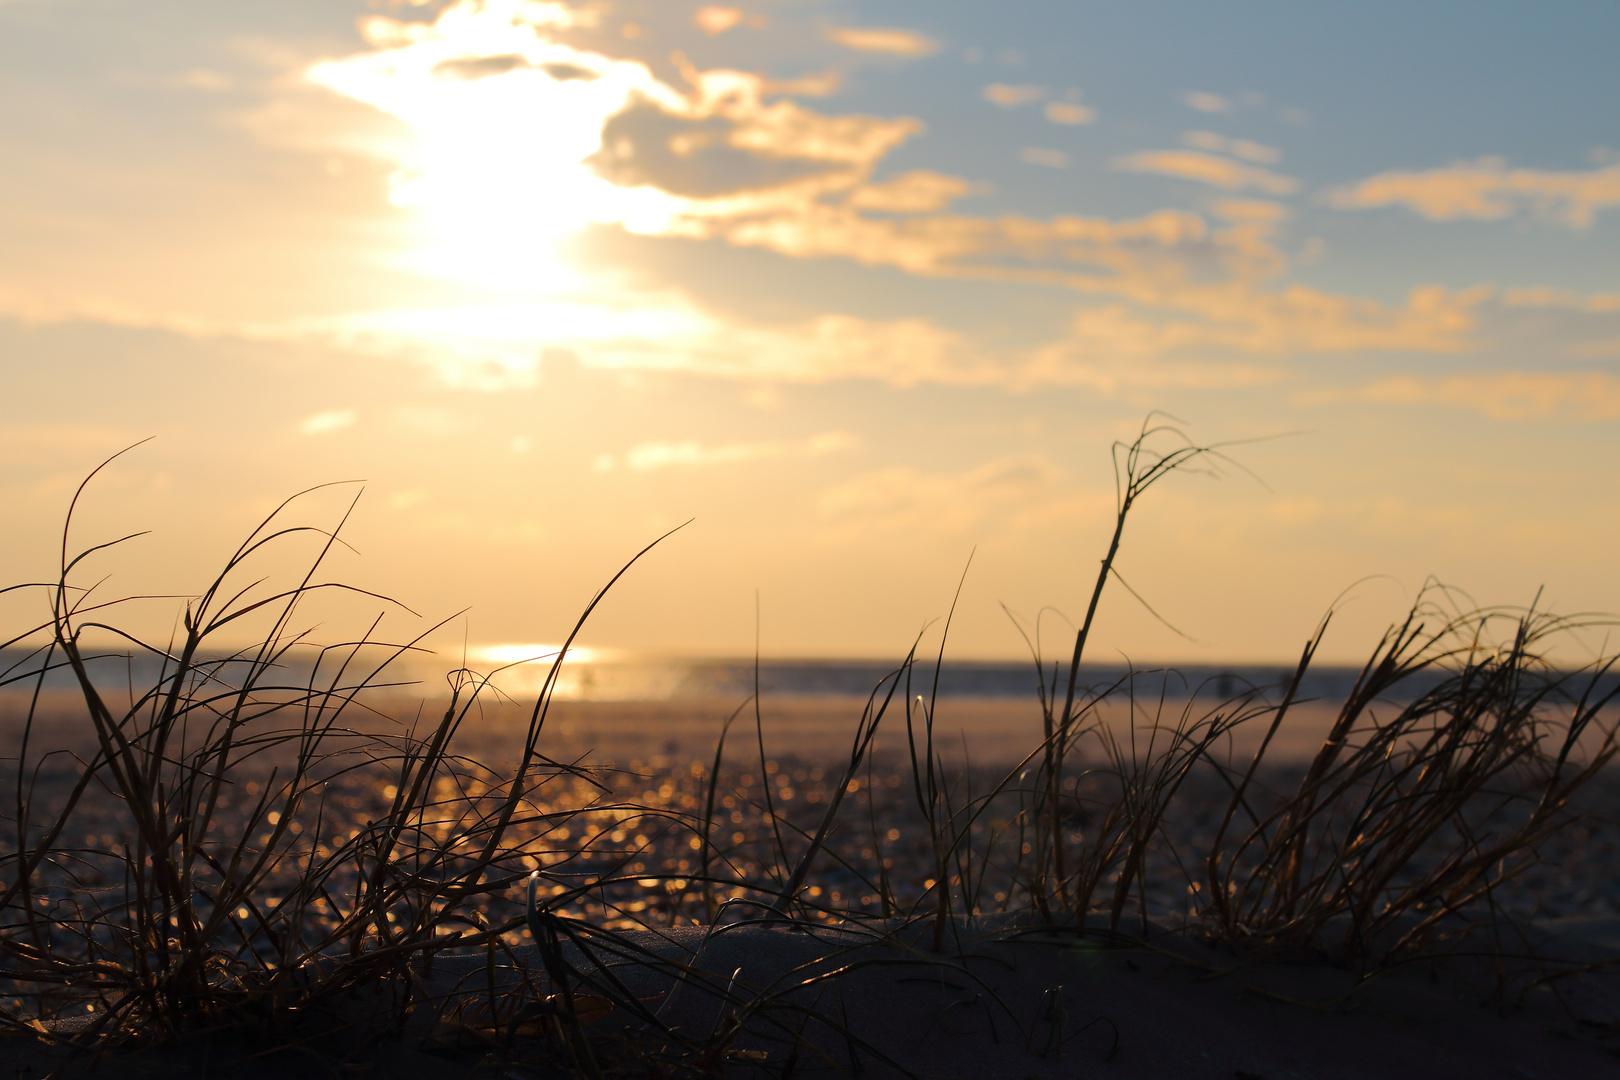 Abendstimmung am Strand von Blavand/DK